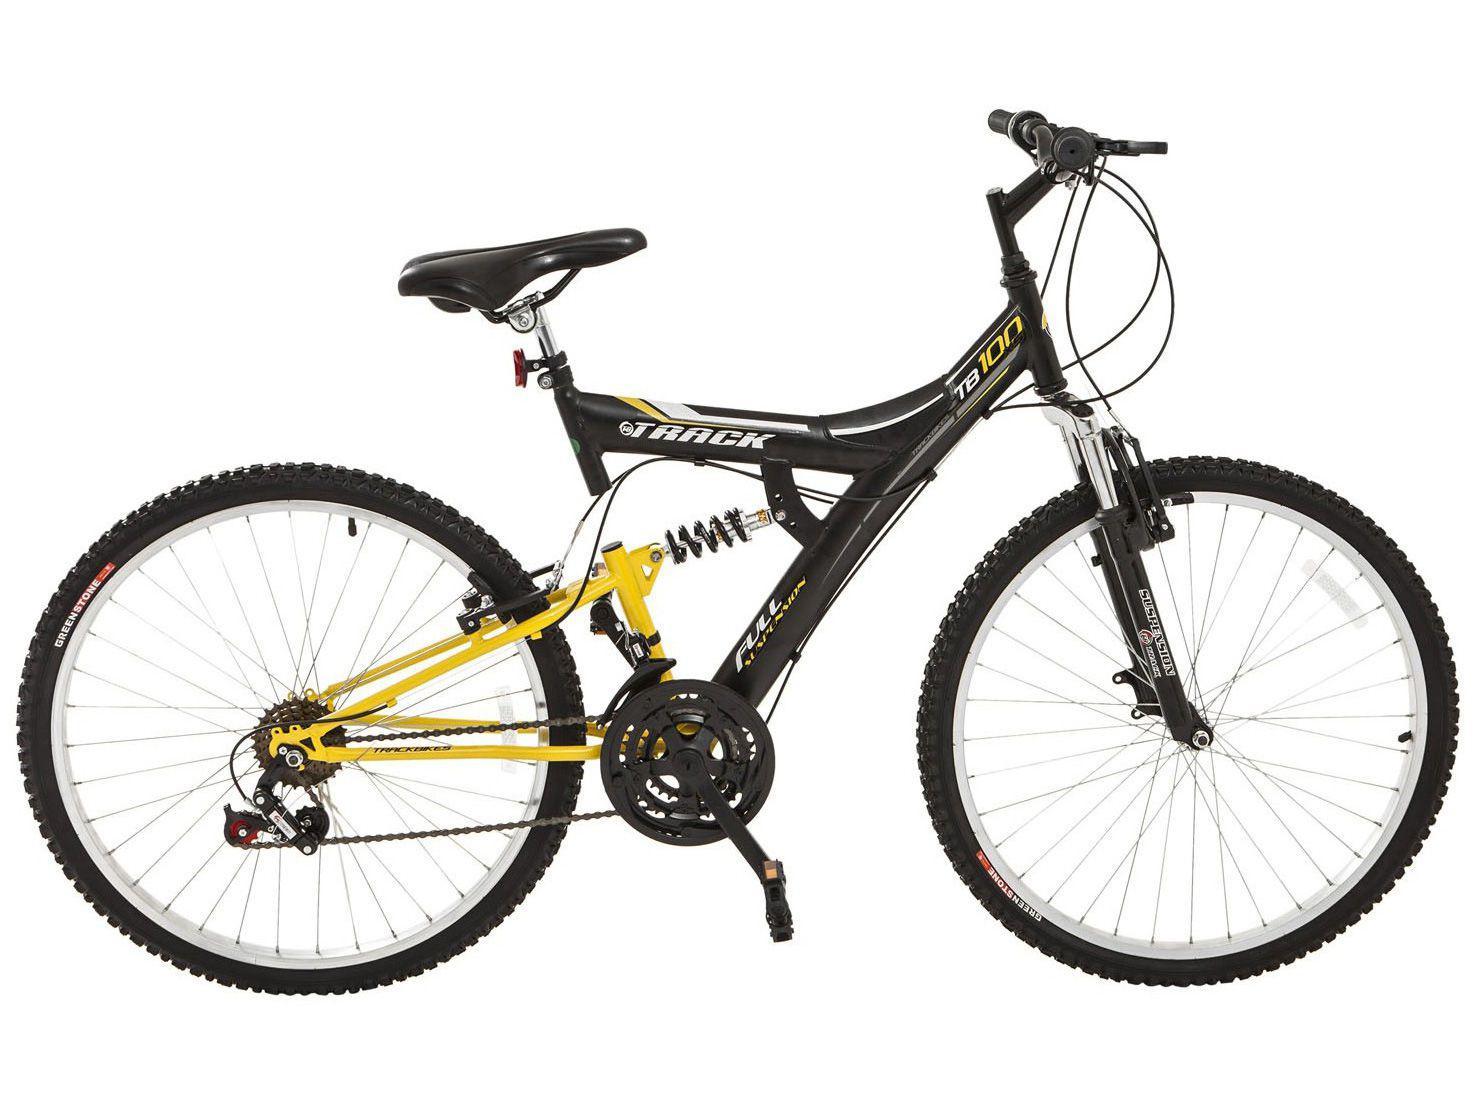 Mountain Bike Aro 26 Track & Bikes Adulto - TB-100XS/PA Aço Carbono Freio V-Brake 18 Marchas